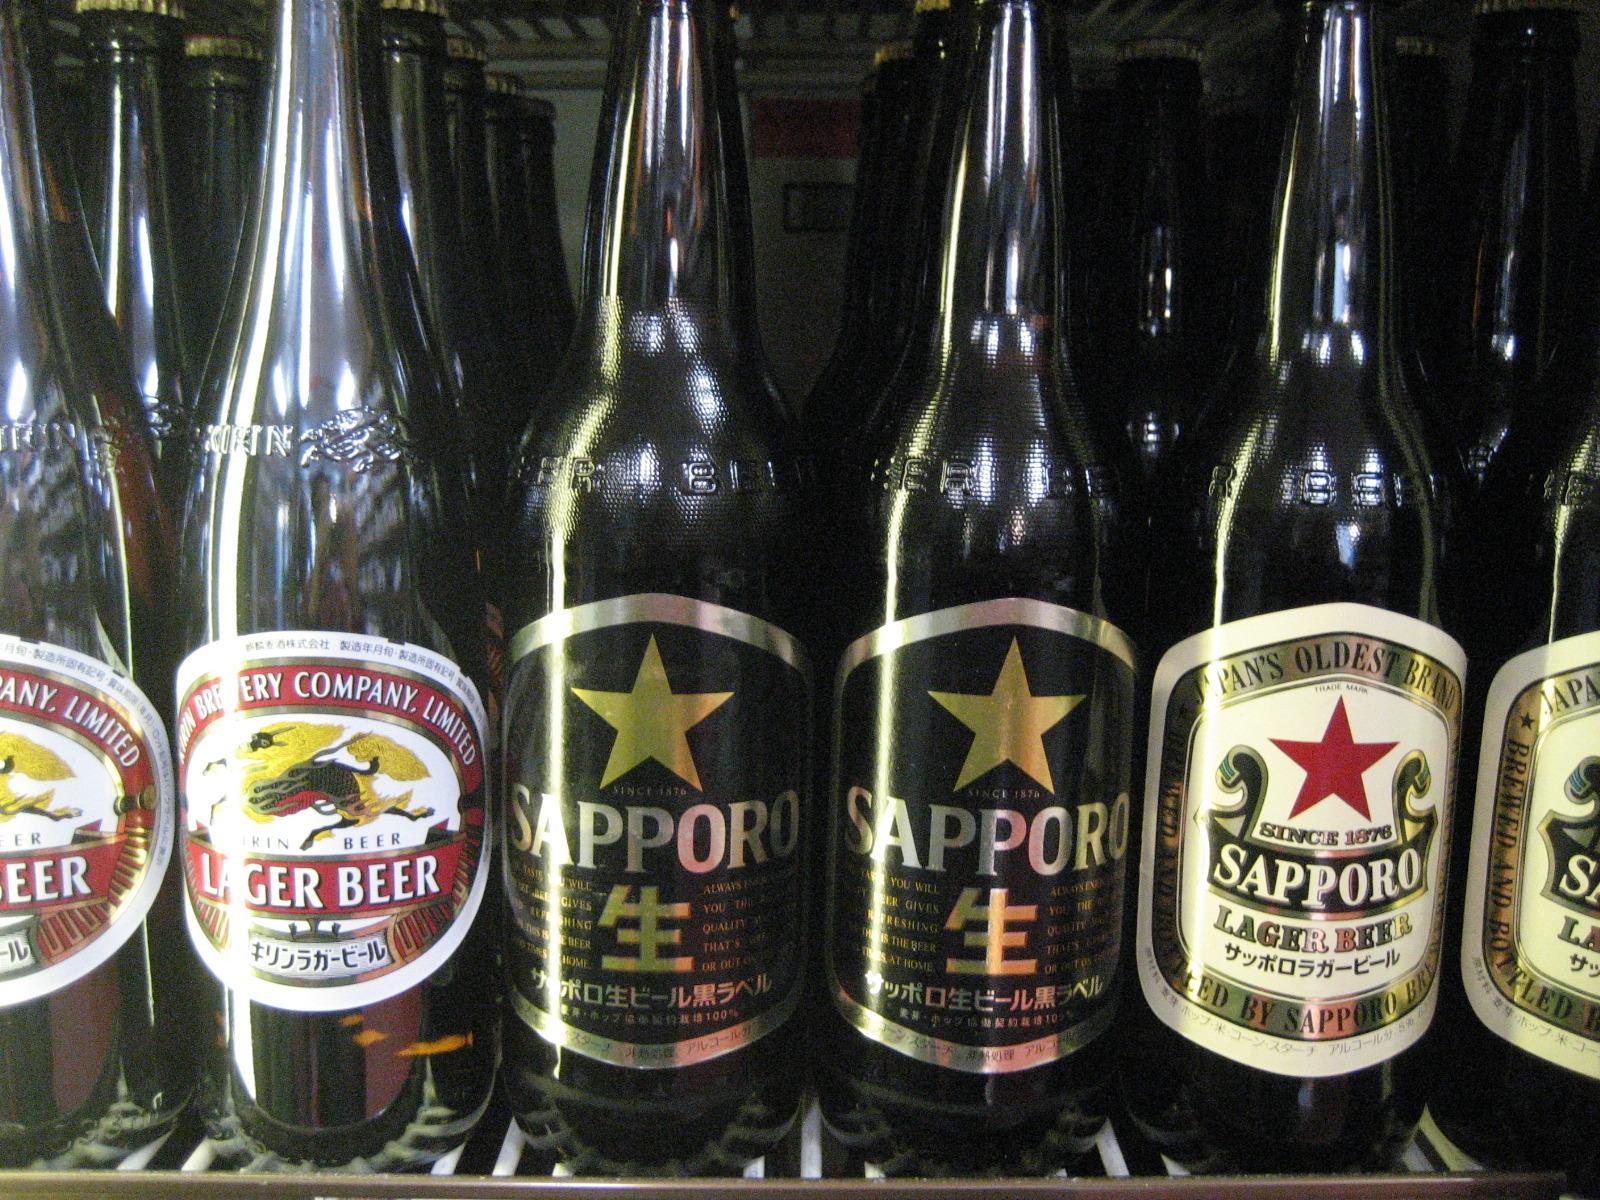 びんビール(各メーカーから好きな銘柄を)